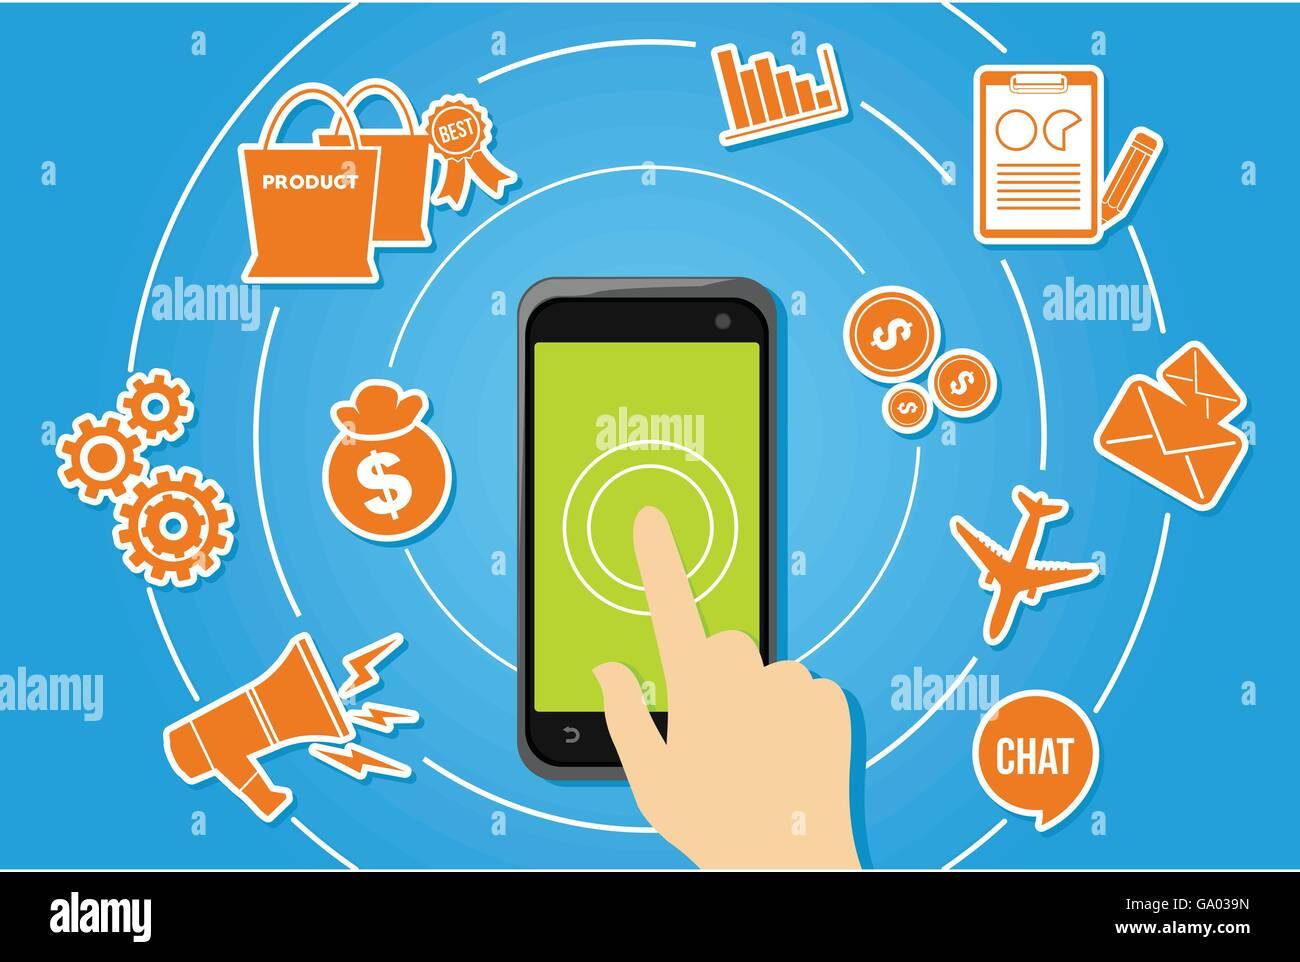 Développement d'applications mobiles écosystème d'applications concept illustration Photo Stock